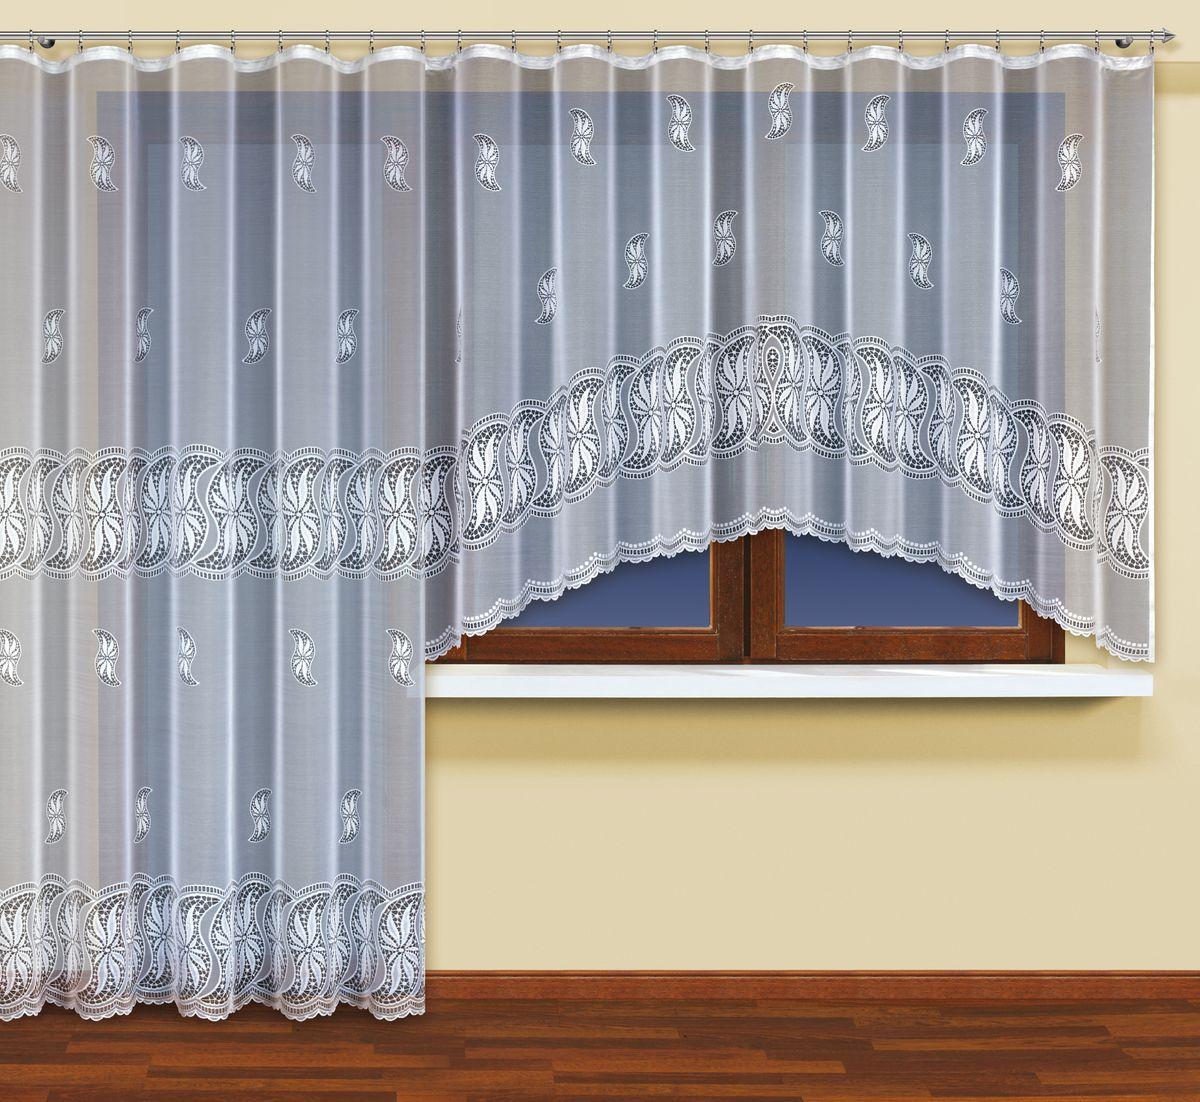 Комплект гардин для балконной двери Wisan, цвет: белый, высота 250 см. 214190214190Комплект гардин Wisan изготовлен из высококачественного полиэстера. В комплект входит короткая гардина для окна и длинная гардина для балконной двери. Тонкое плетение, оригинальный дизайн привлекут к себе внимание и органично впишутся в интерьер. Комплект гардин станет великолепным украшением балконного окна. В комплект входит: Гардина для окна: 1 шт. Размер (Ш х В): 300 см х 160 см. Гардина для балконной двери: 1 шт. Размер (Ш х В): 200 см х 250 см.